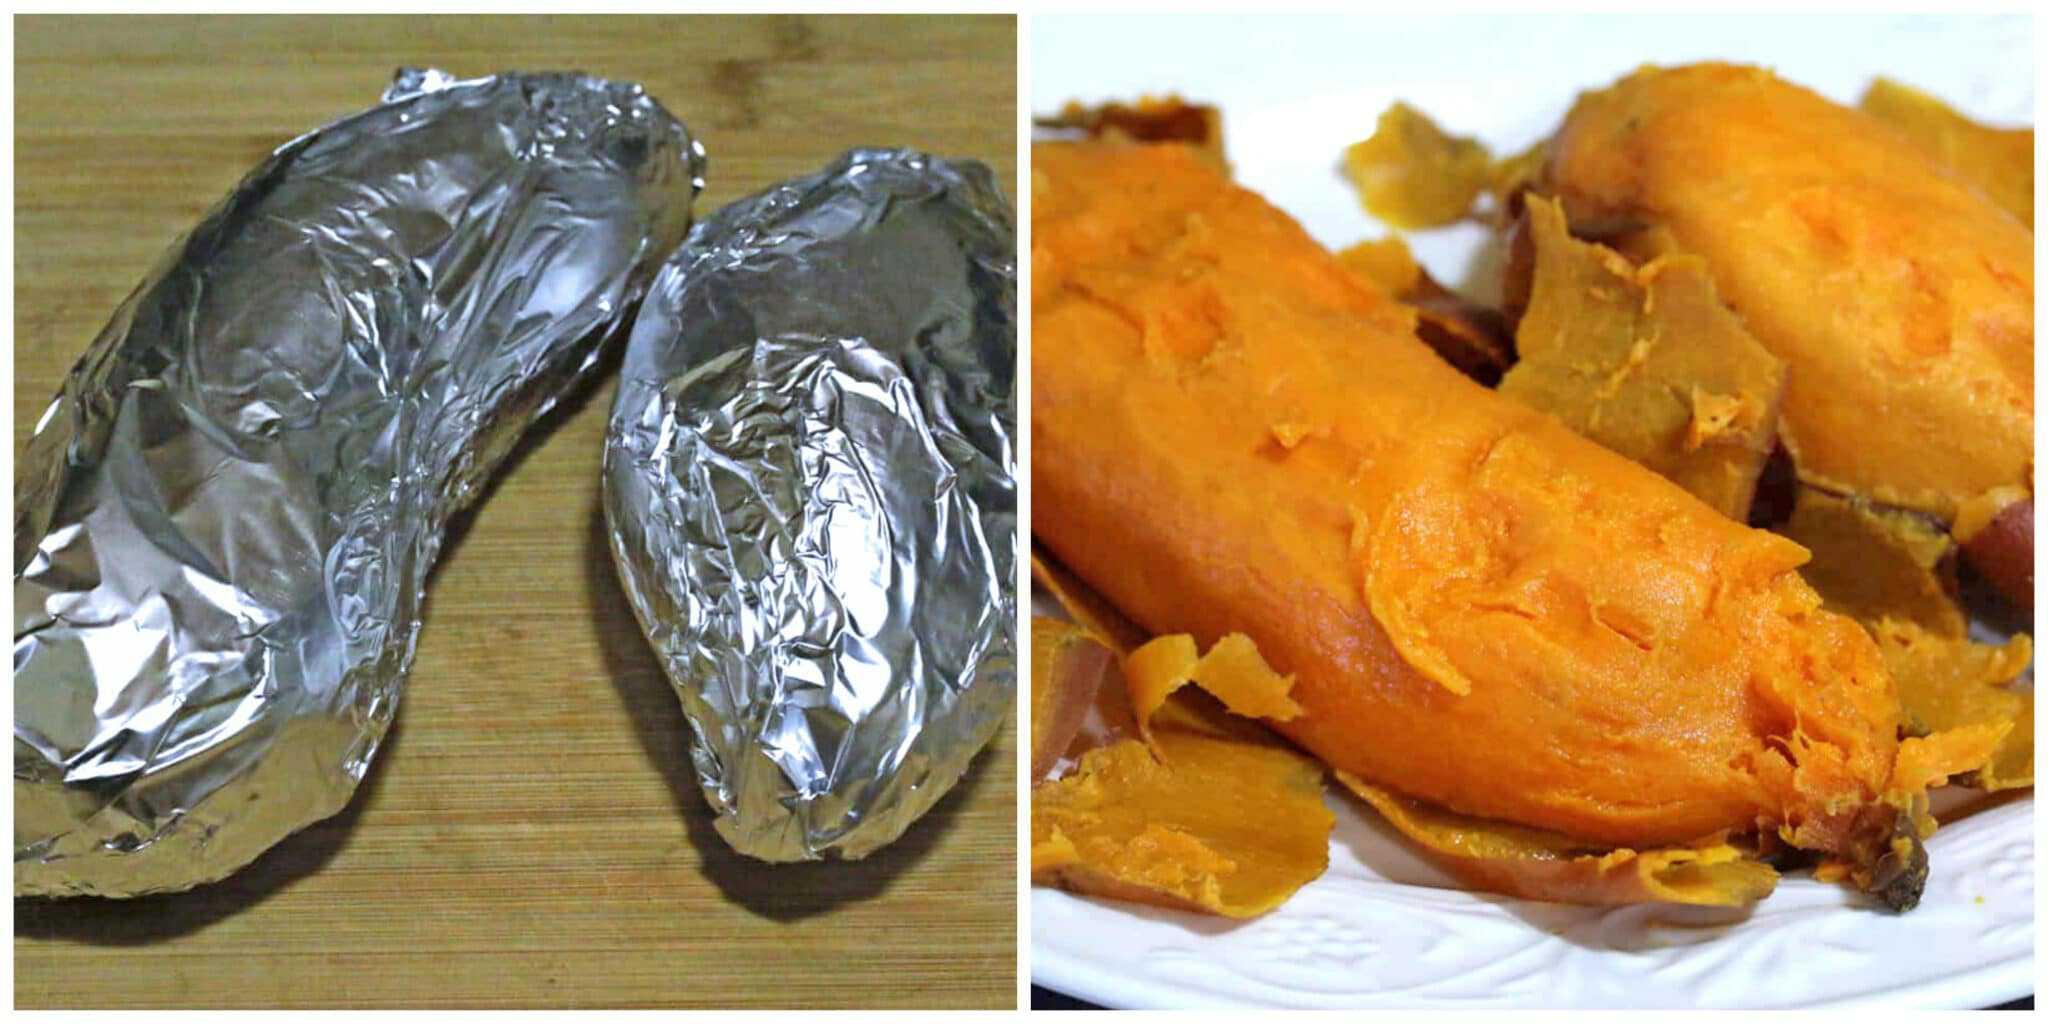 baking sweet potatoes in foil